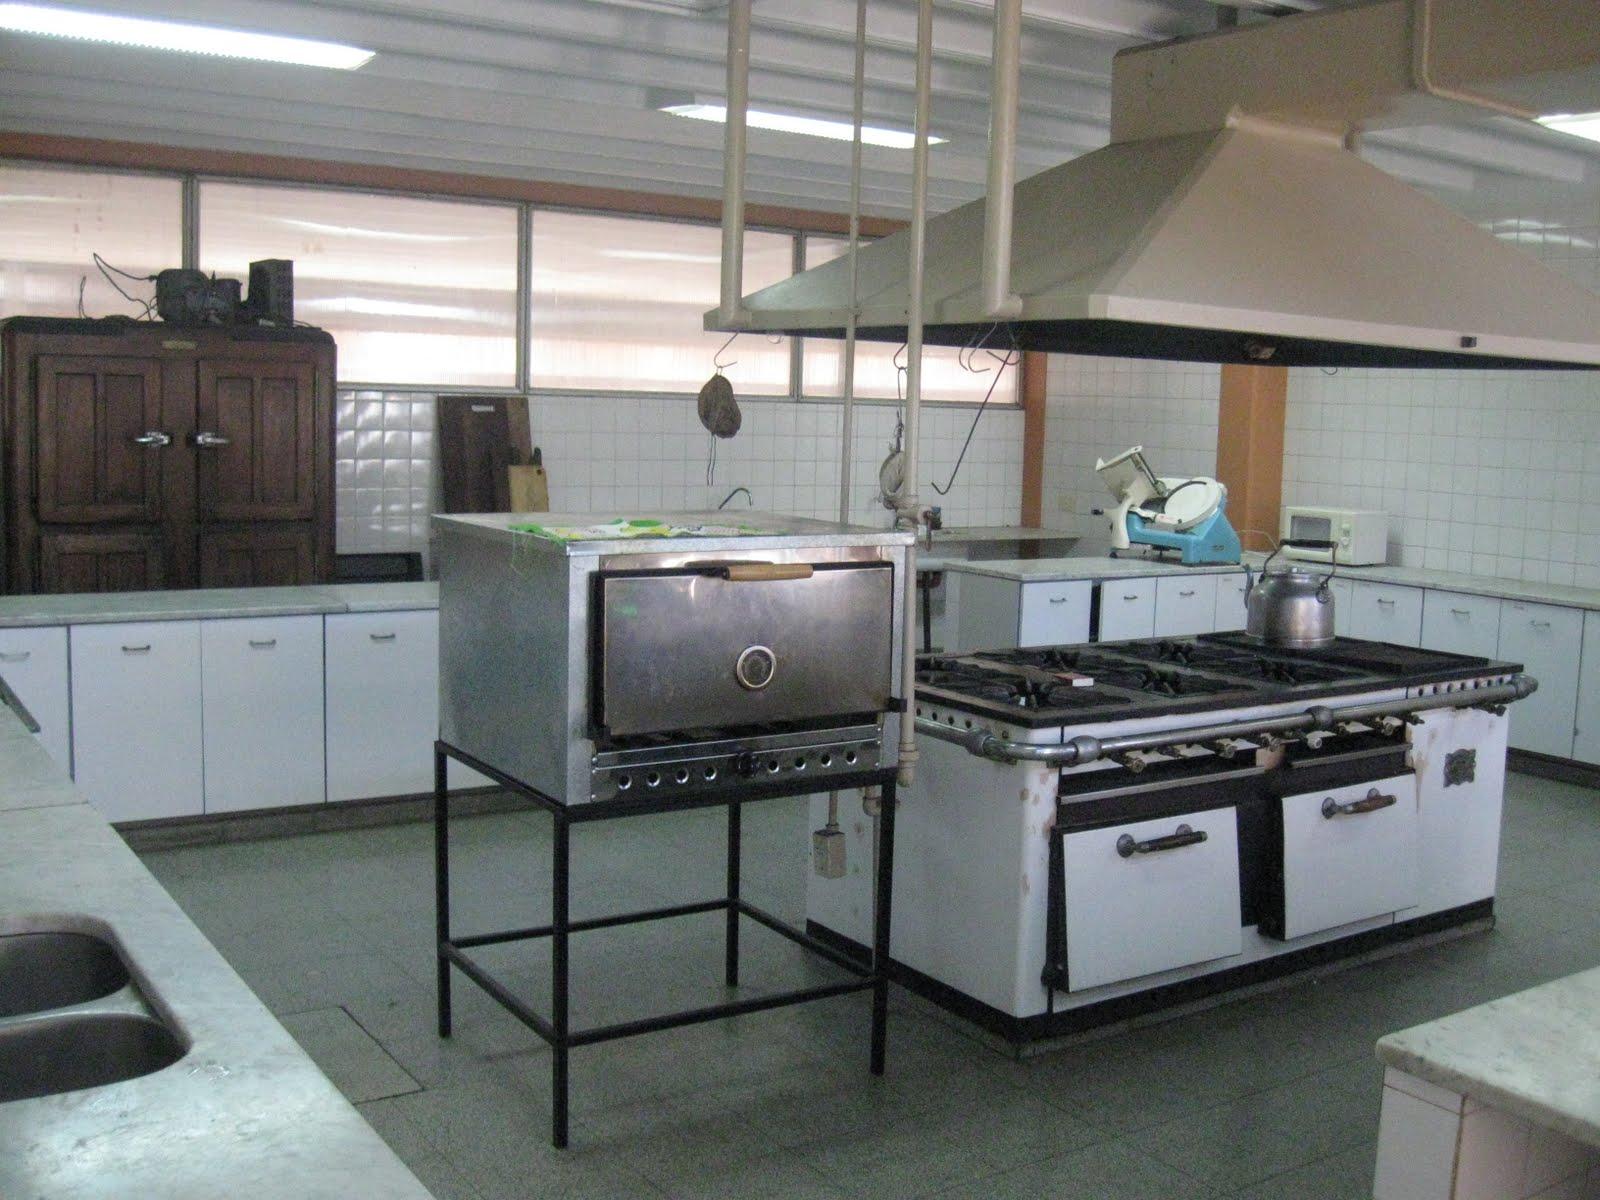 Planos cocinas industriales - Planos de cocinas industriales ...